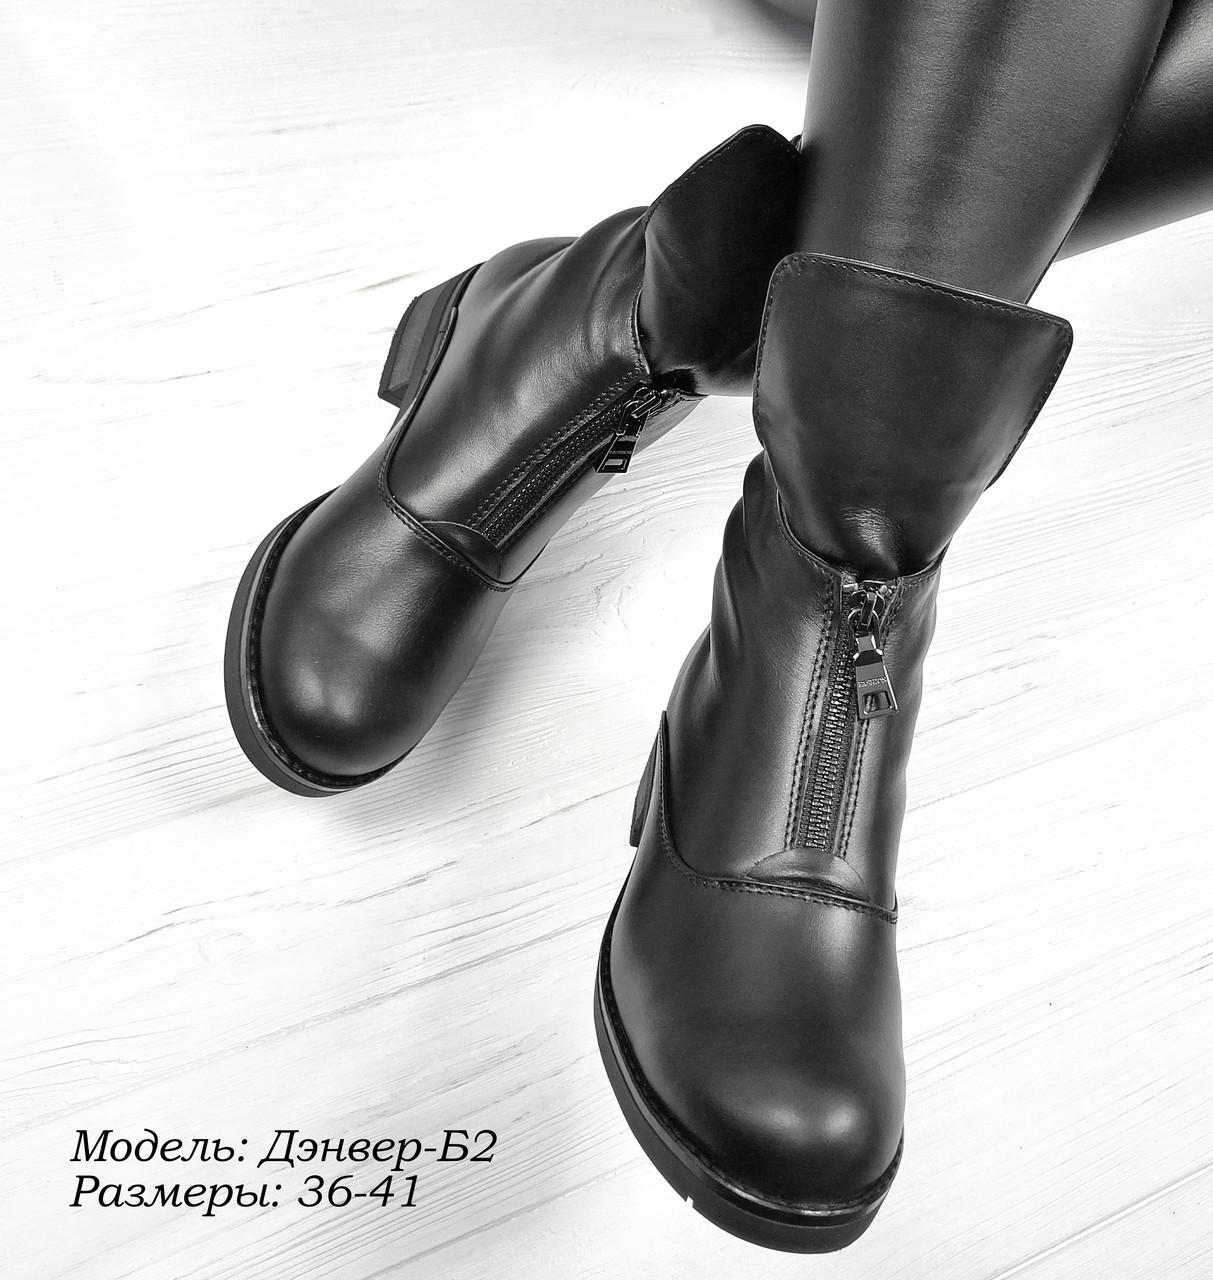 Кожаная обувь от украинского производителя  продажа, цена в Днепре ... 4f9d348547a